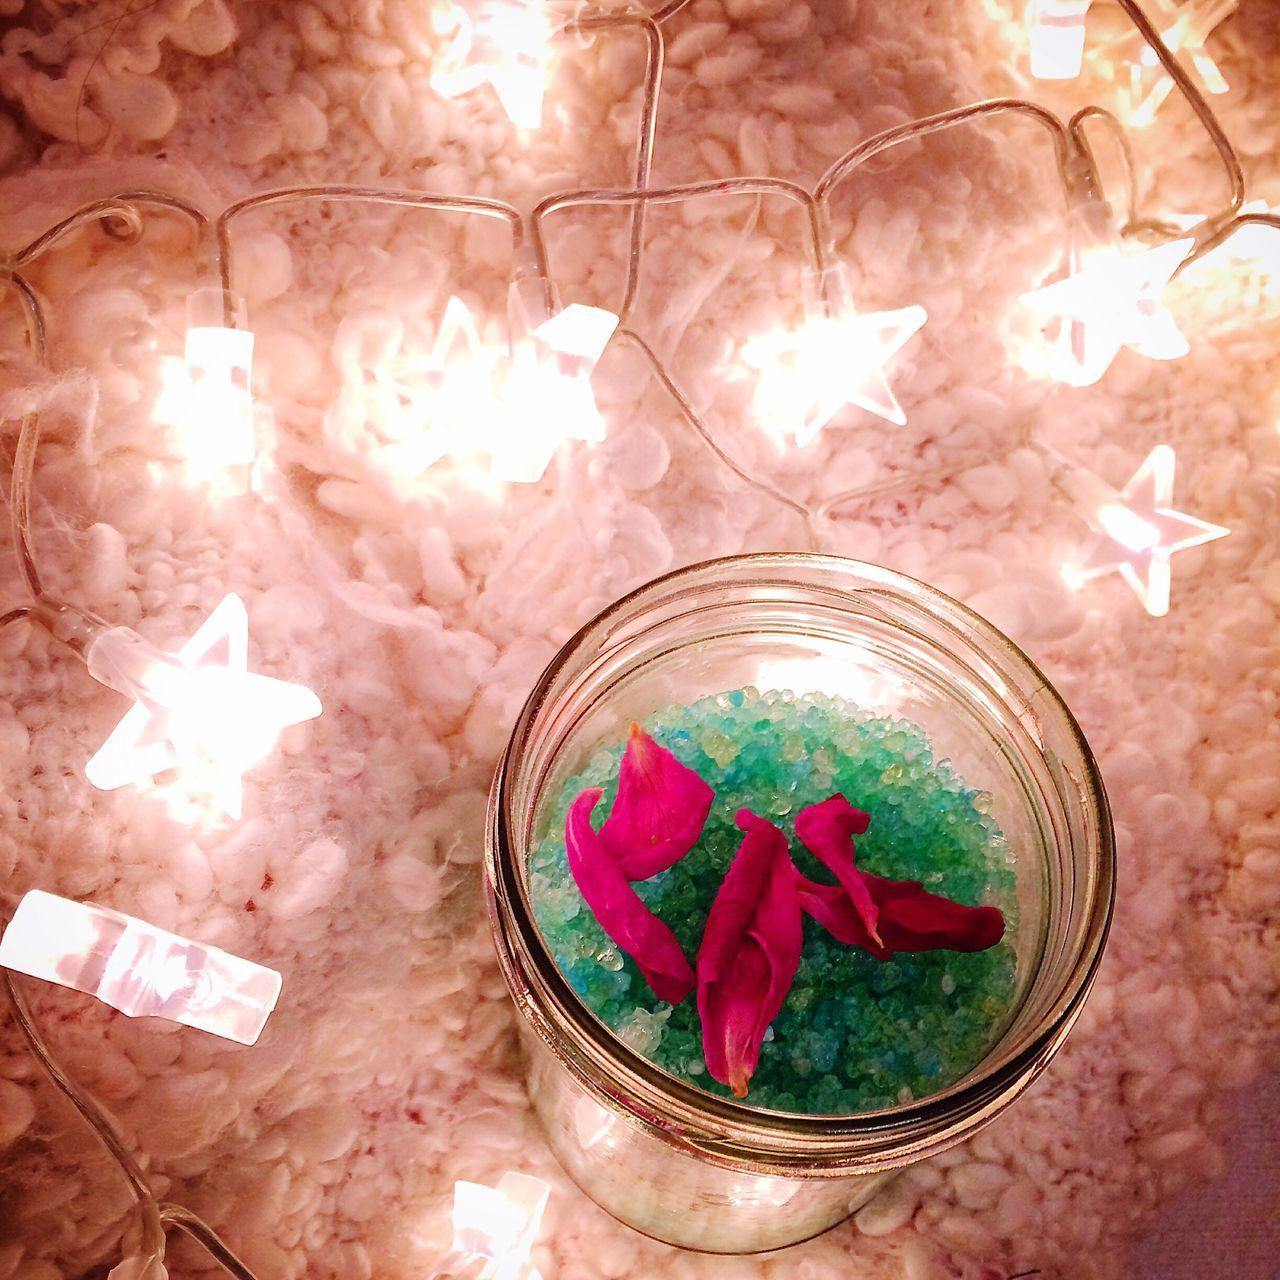 Bath Time Bathsalt Bath Selfmade Roses Eyembestshots